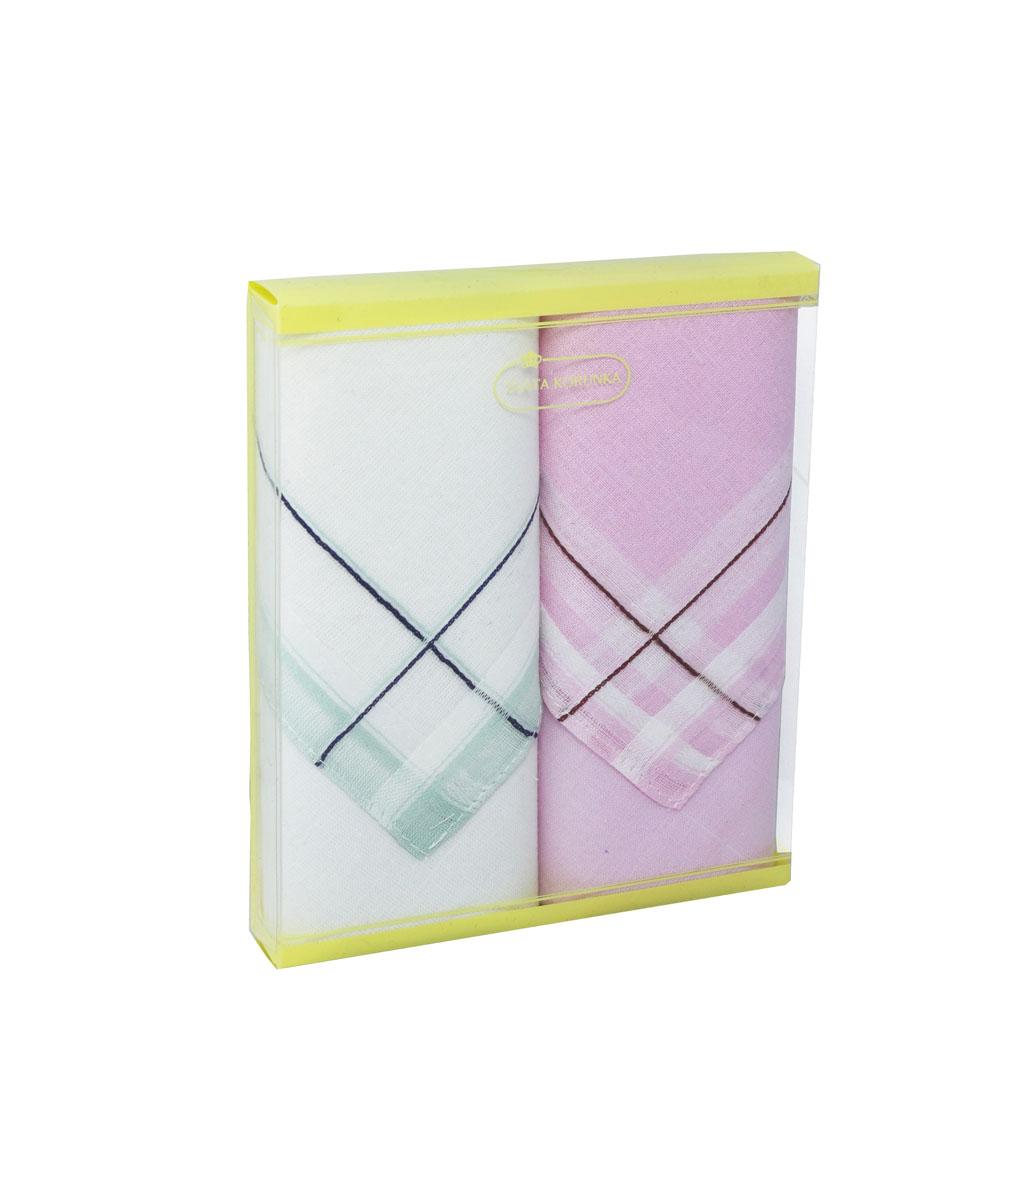 71225-4 Zlata Korunka Носовой платок женский, цвет: мультиколор, 34х34 см, 2 шт71225-4Платки носовые женские в упаковке по 2 шт. Носовые платки изготовлены из 100% хлопка, так как этот материал приятен в использовании, хорошо стирается, не садится, отлично впитывает влагу.